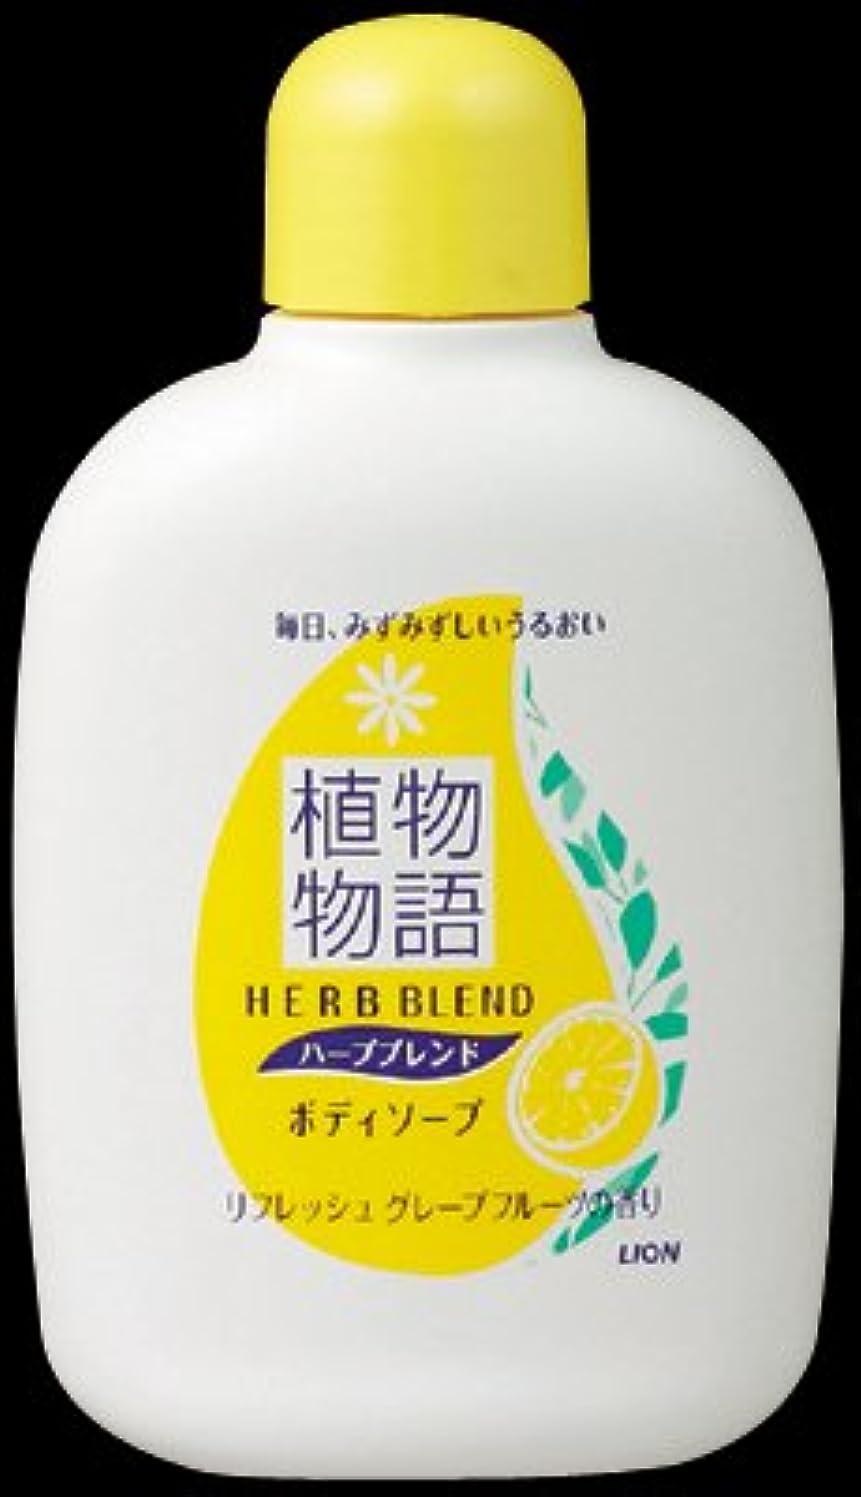 示す成熟した事故ライオン 植物物語 ハーブブレンドボディソープ グレープフルーツの香り トラベル90ml×24点セット (4903301325048)